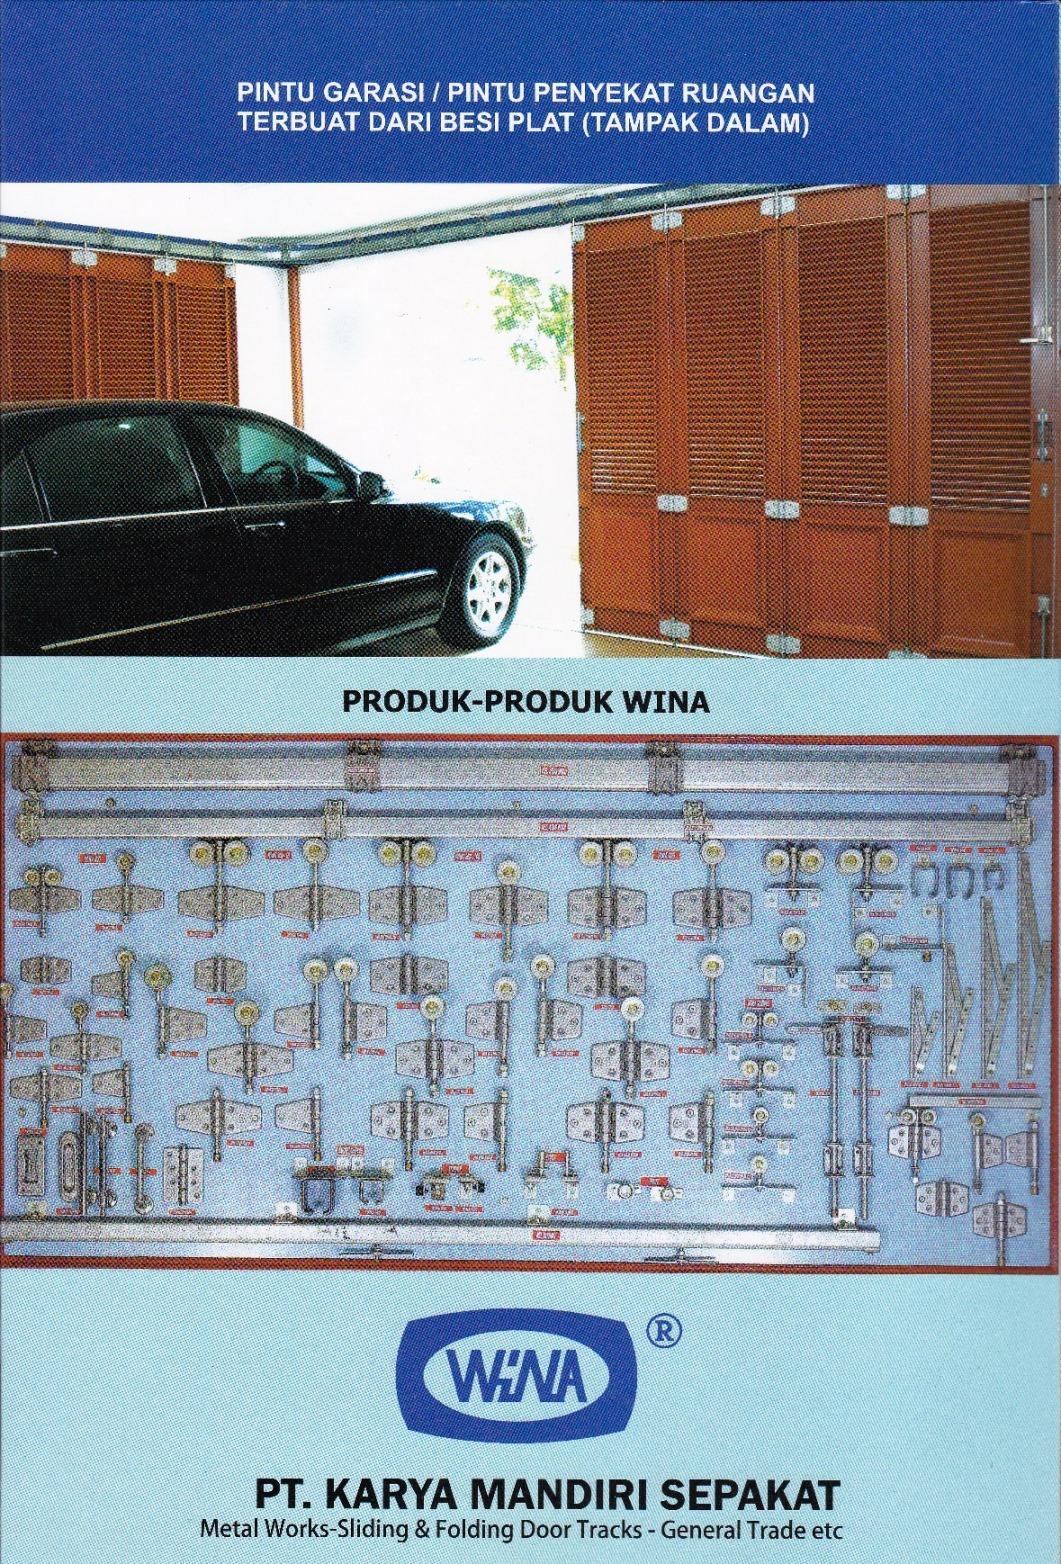 Rel dan Komponen Pintu Garasi